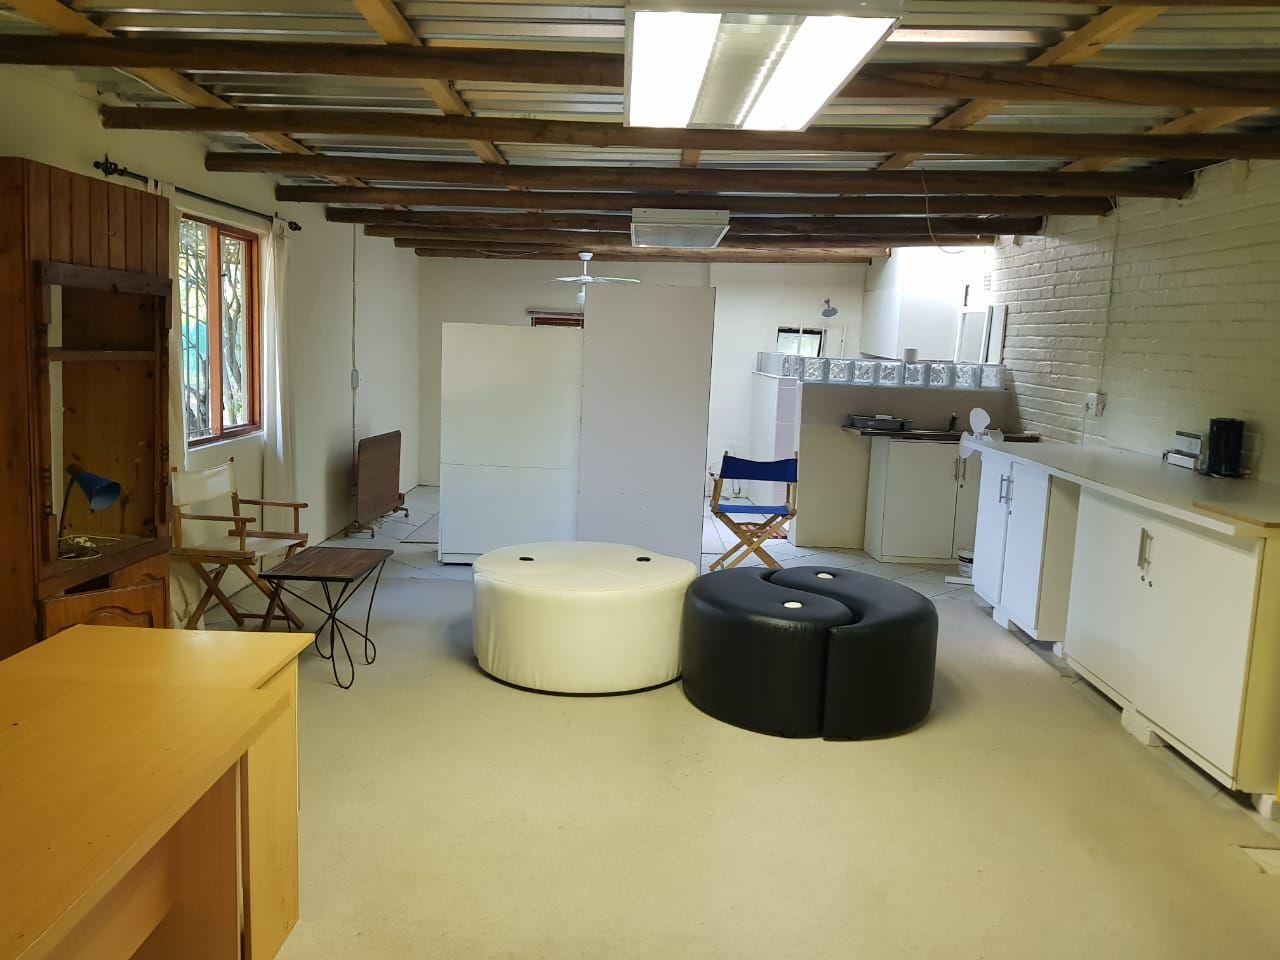 Trish-studio interior.jpg